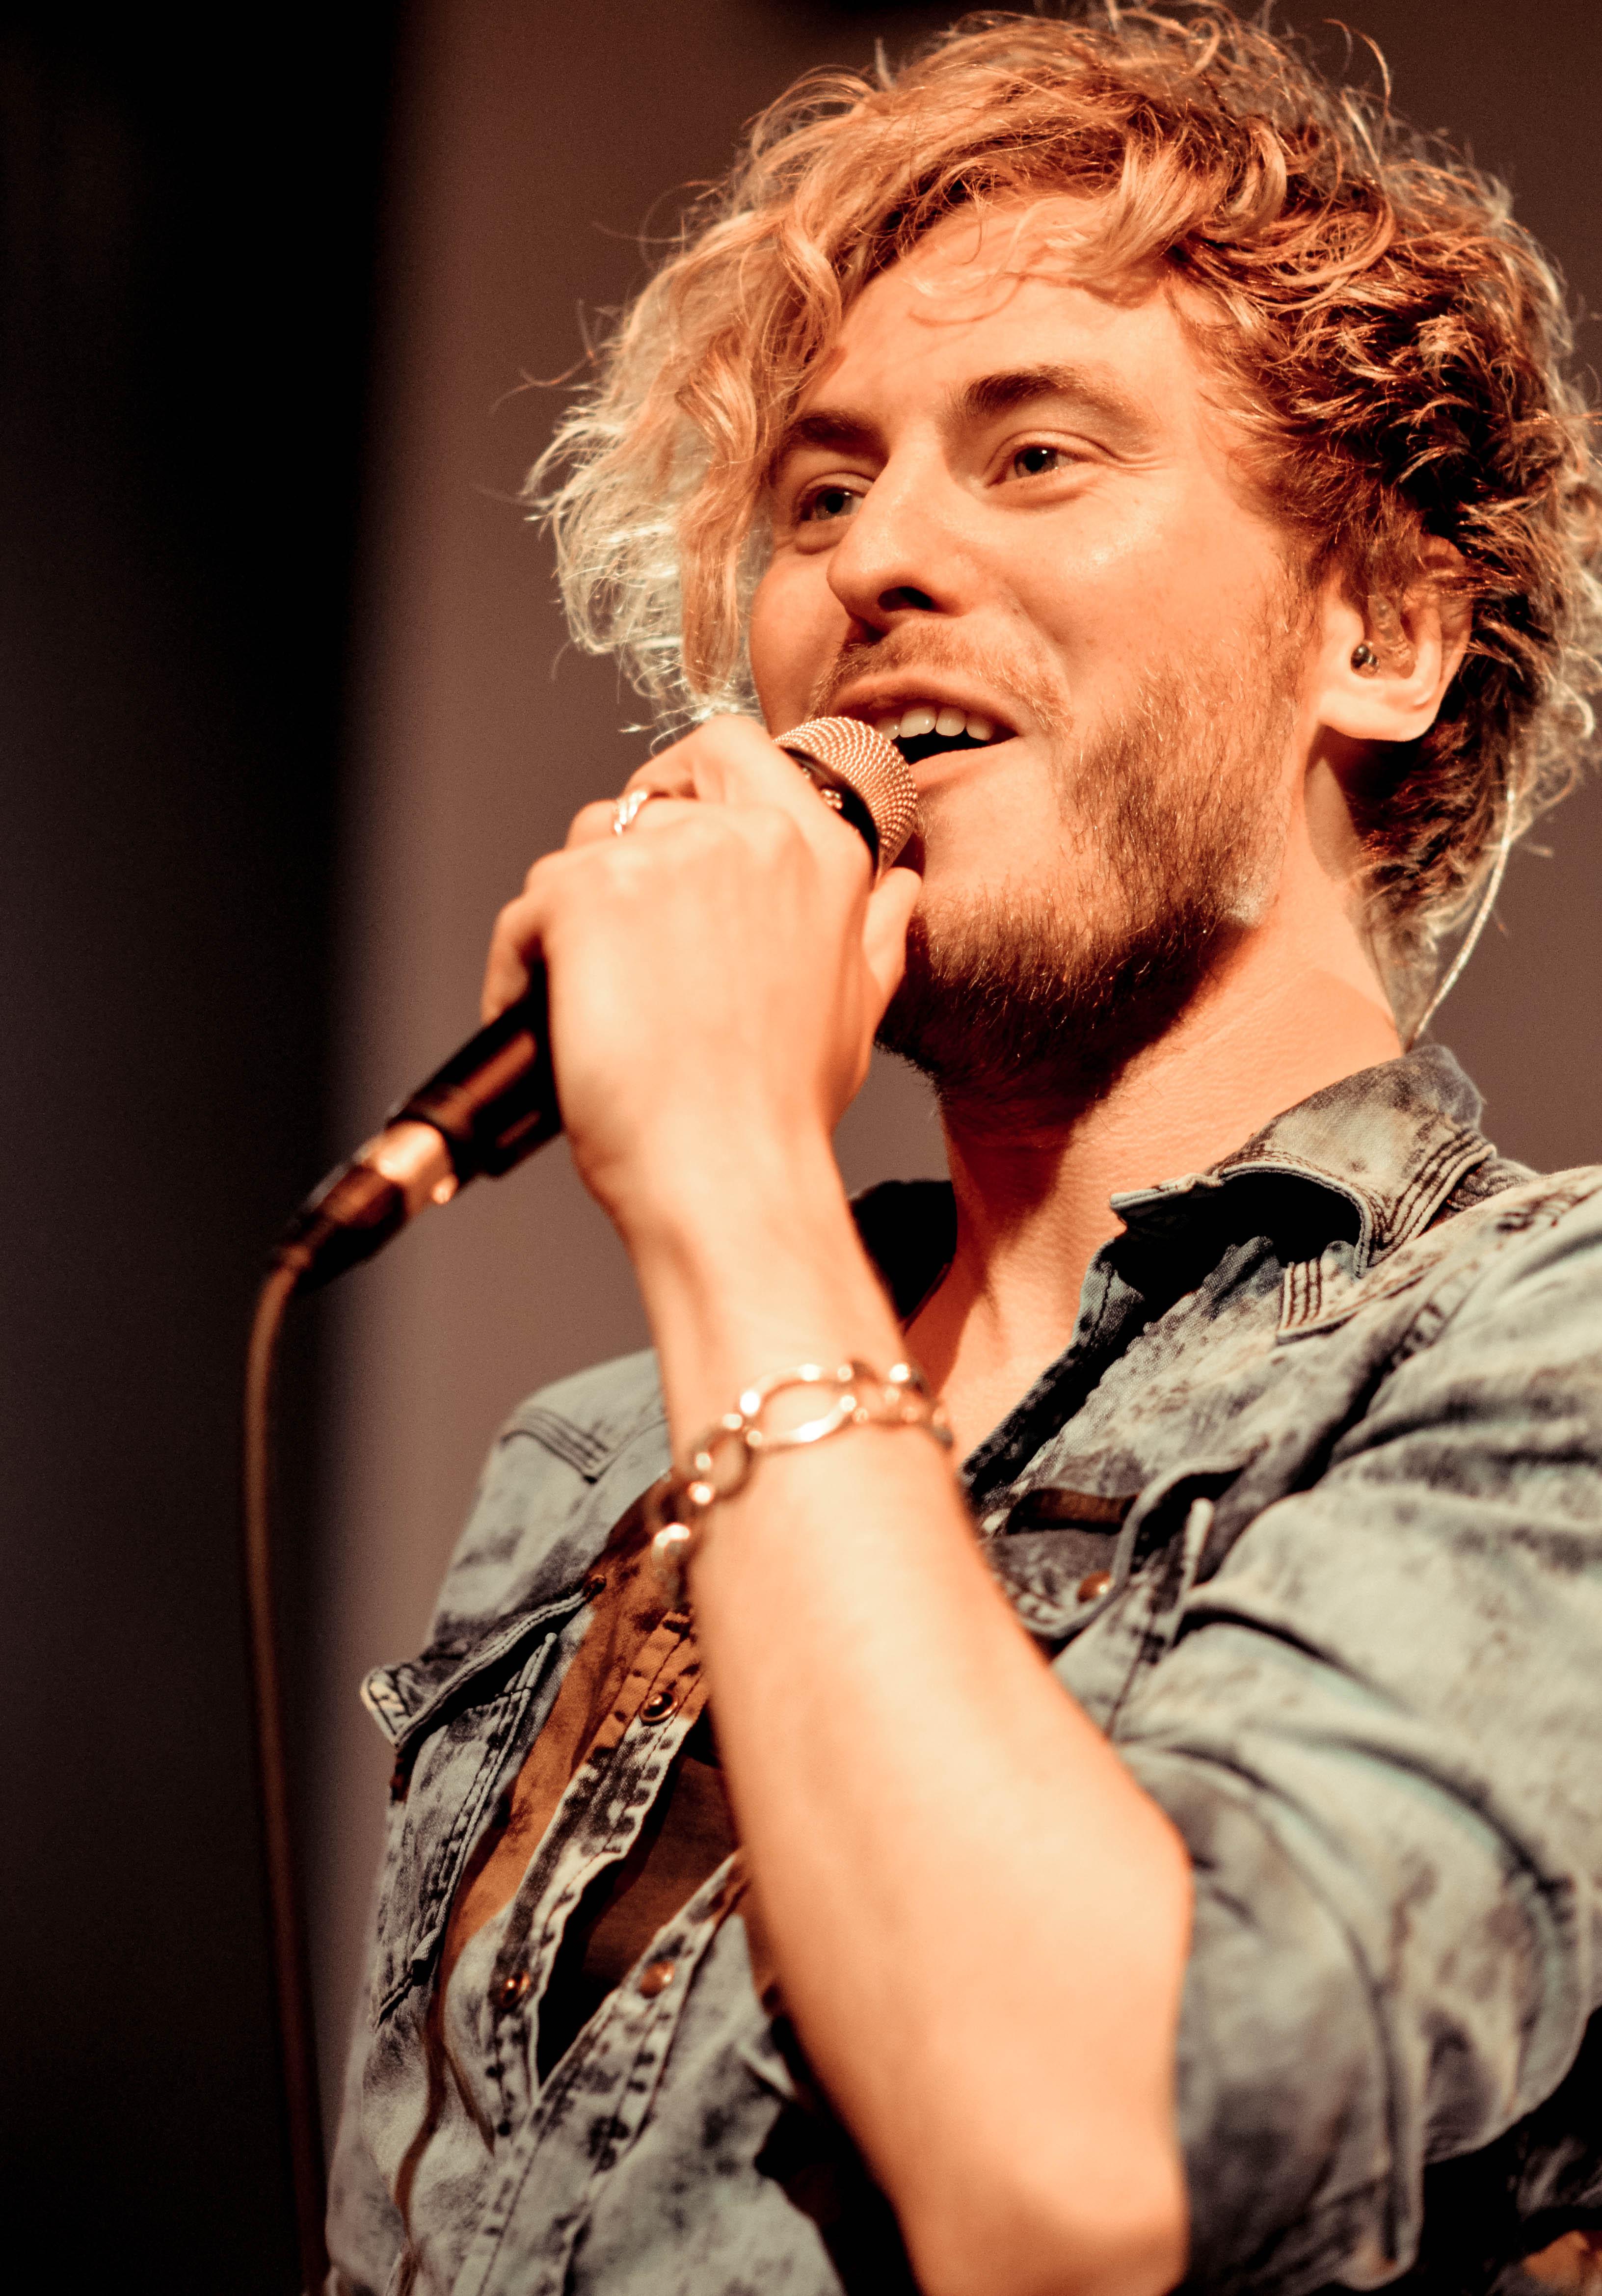 Finn Martin, Worms (31.05.13)